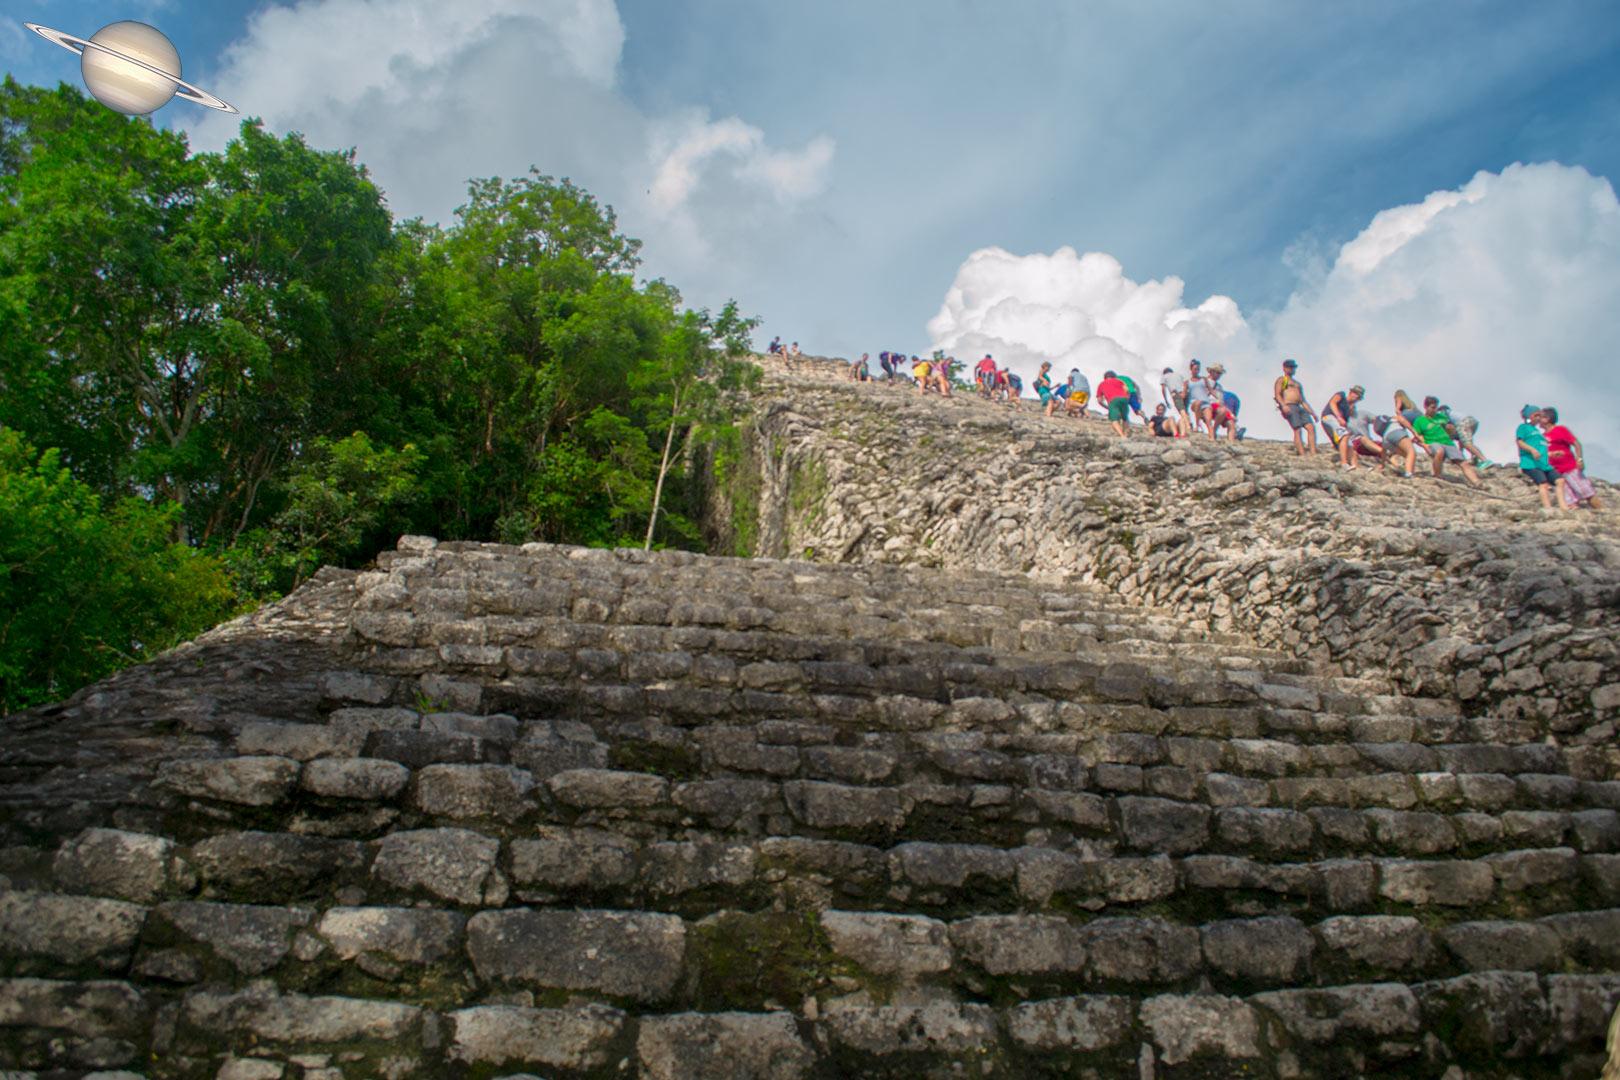 coba yucatan mexico 7 - Suba uma Pirâmide em Coba, Antiga Cidade Maia, México